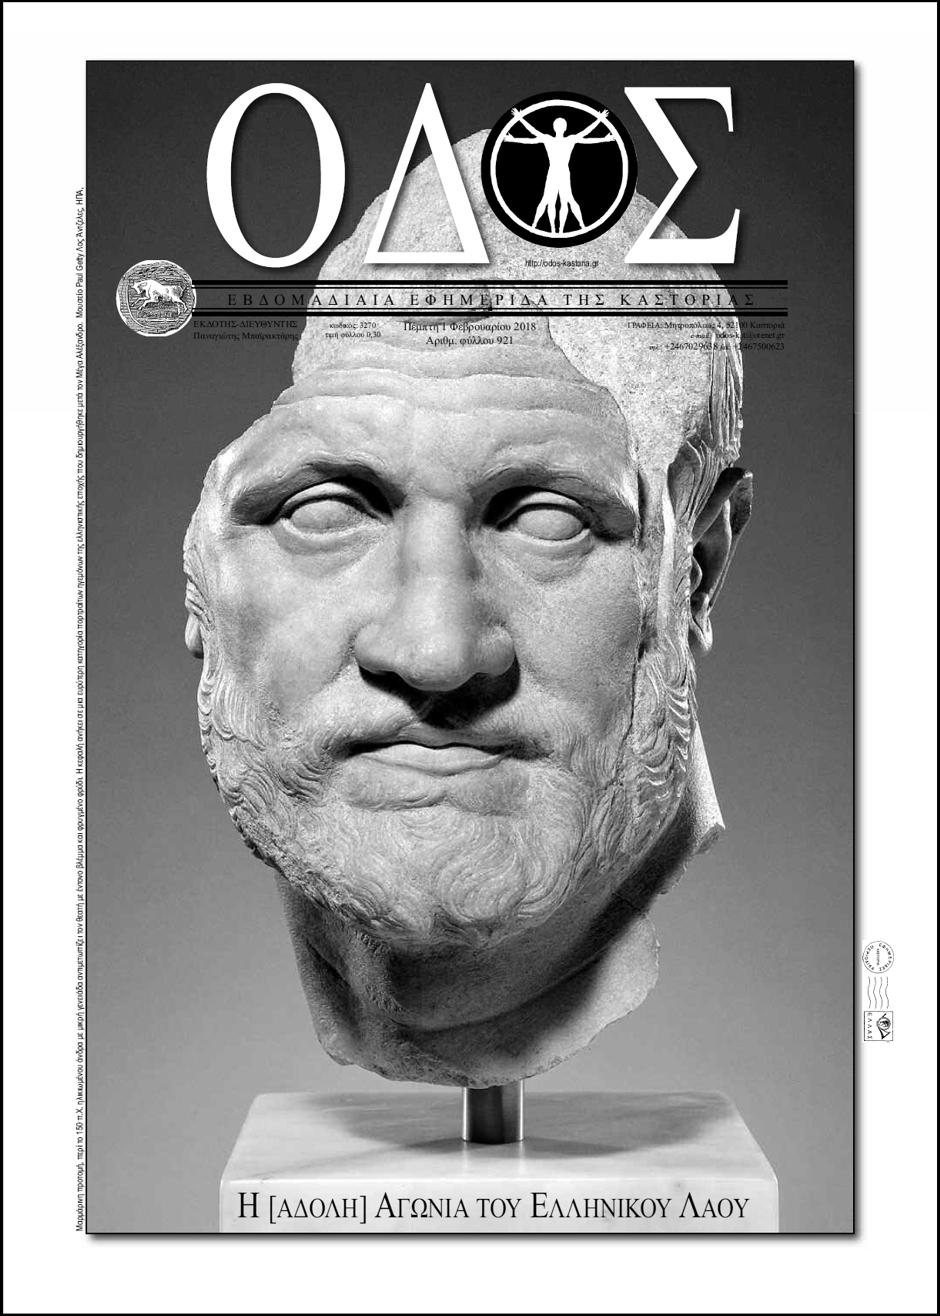 ΟΔΟΣ 3: Η [άδολη] αγωνία του ελληνικού λαού